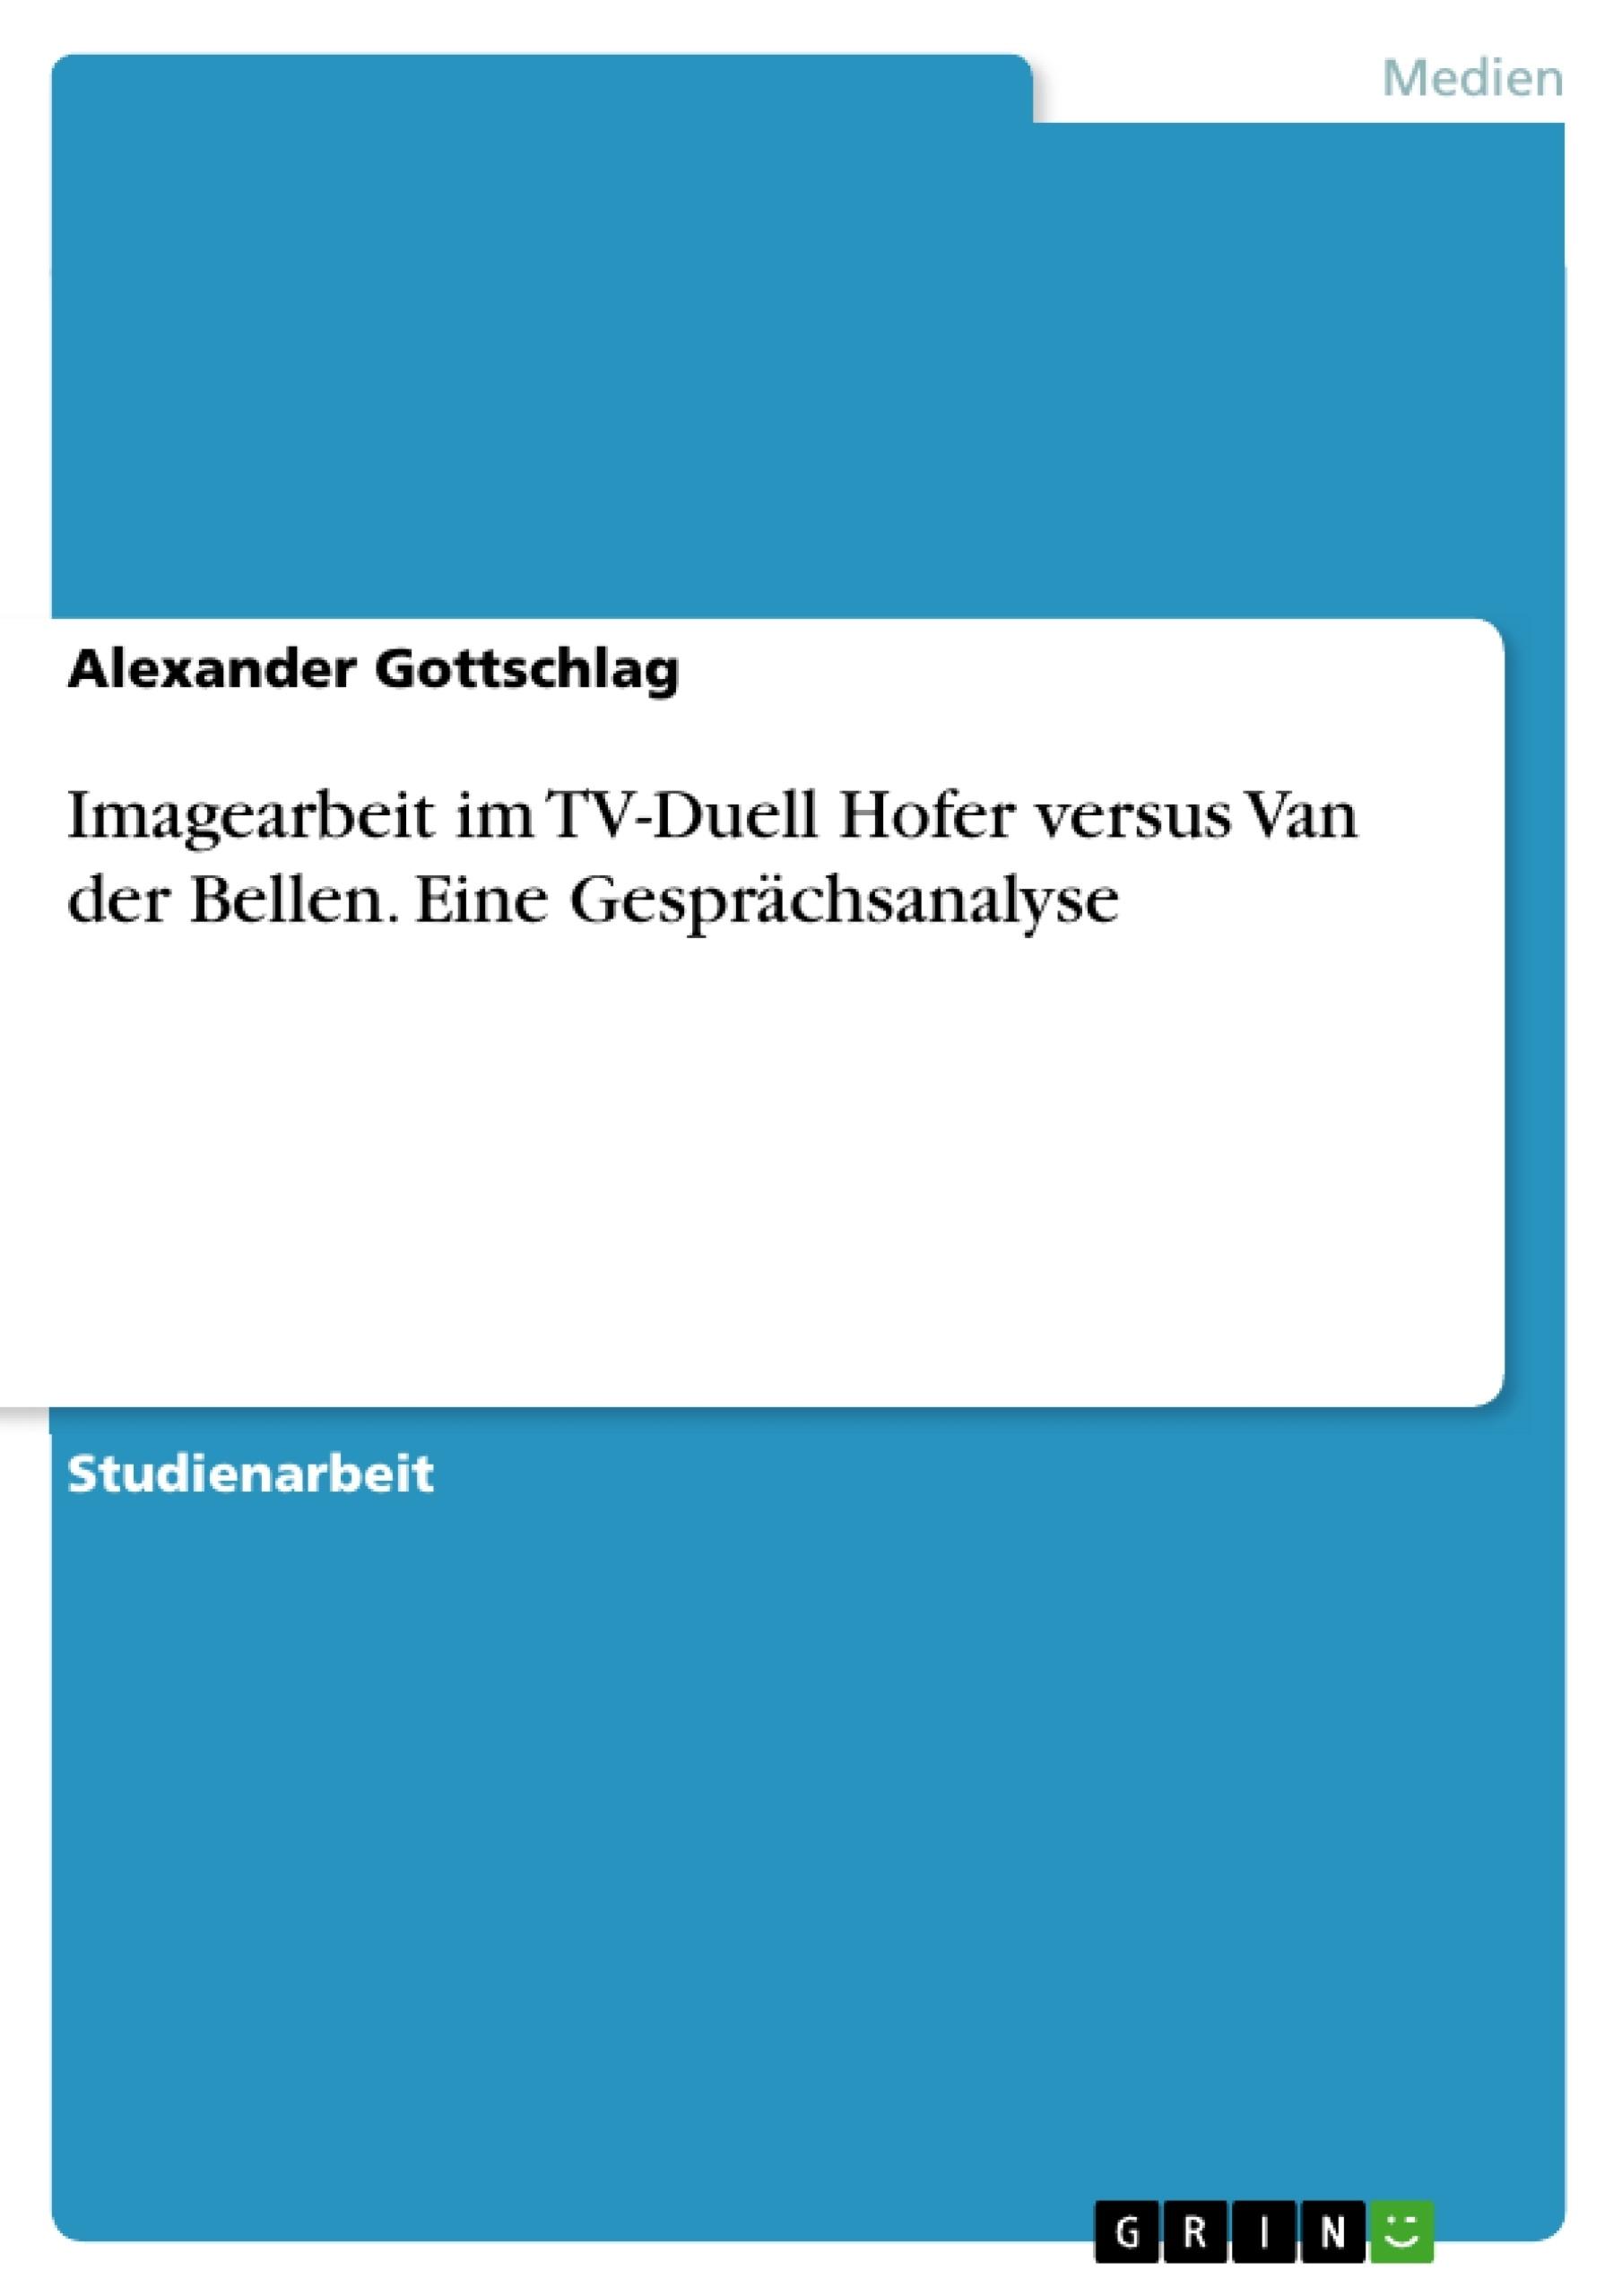 Titel: Imagearbeit im TV-Duell Hofer versus Van der Bellen. Eine Gesprächsanalyse